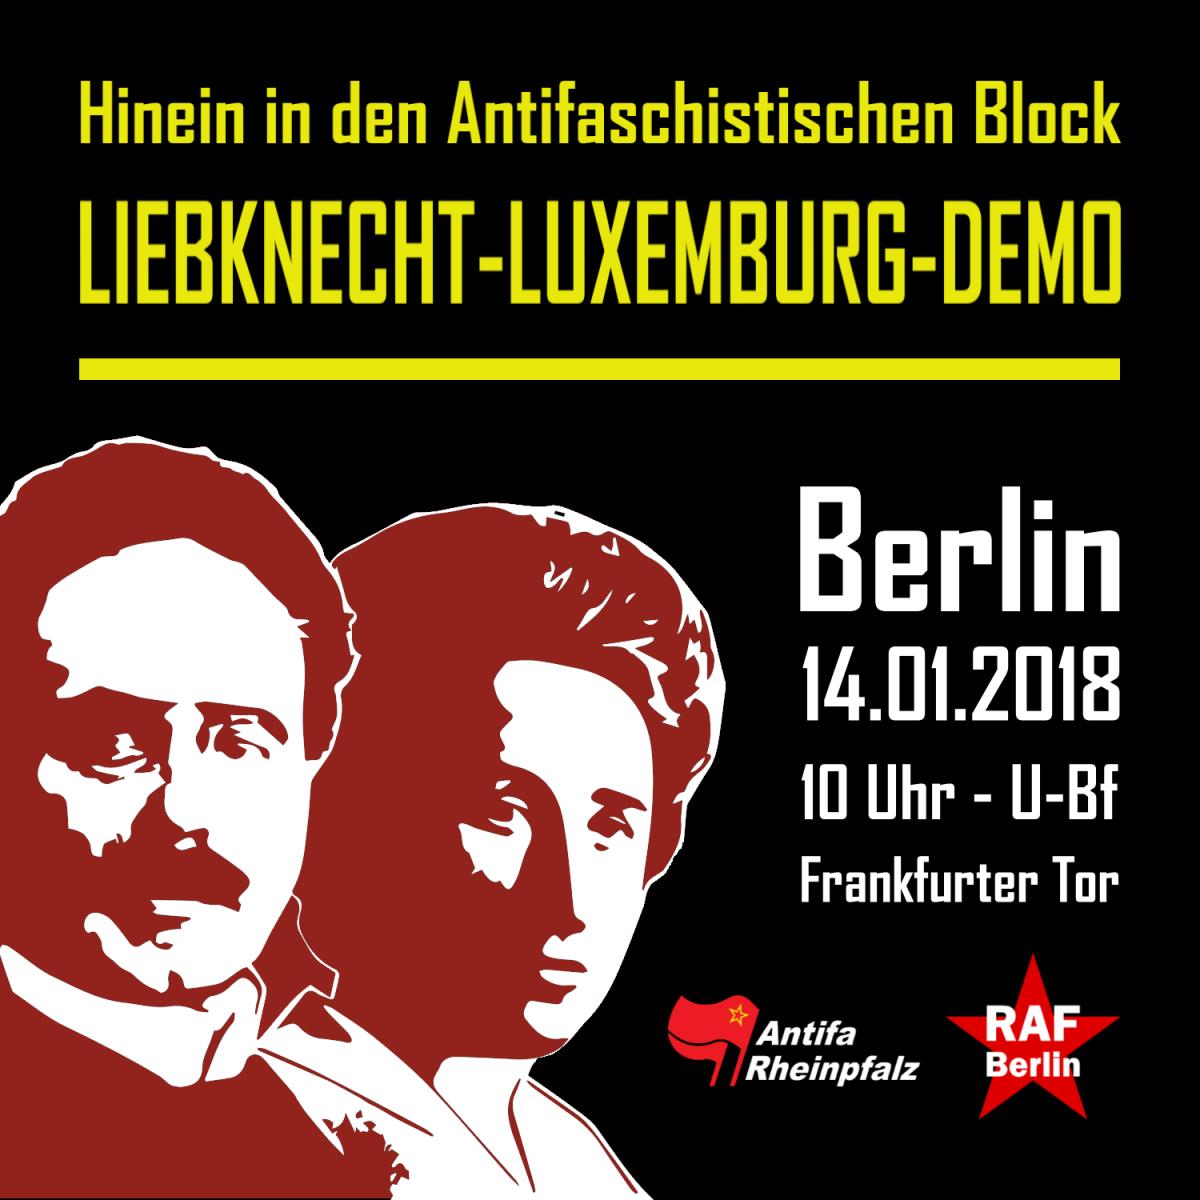 Hinein in den antifaschistischen Block auf der Liebknecht-Luxemburg-Demo 2018